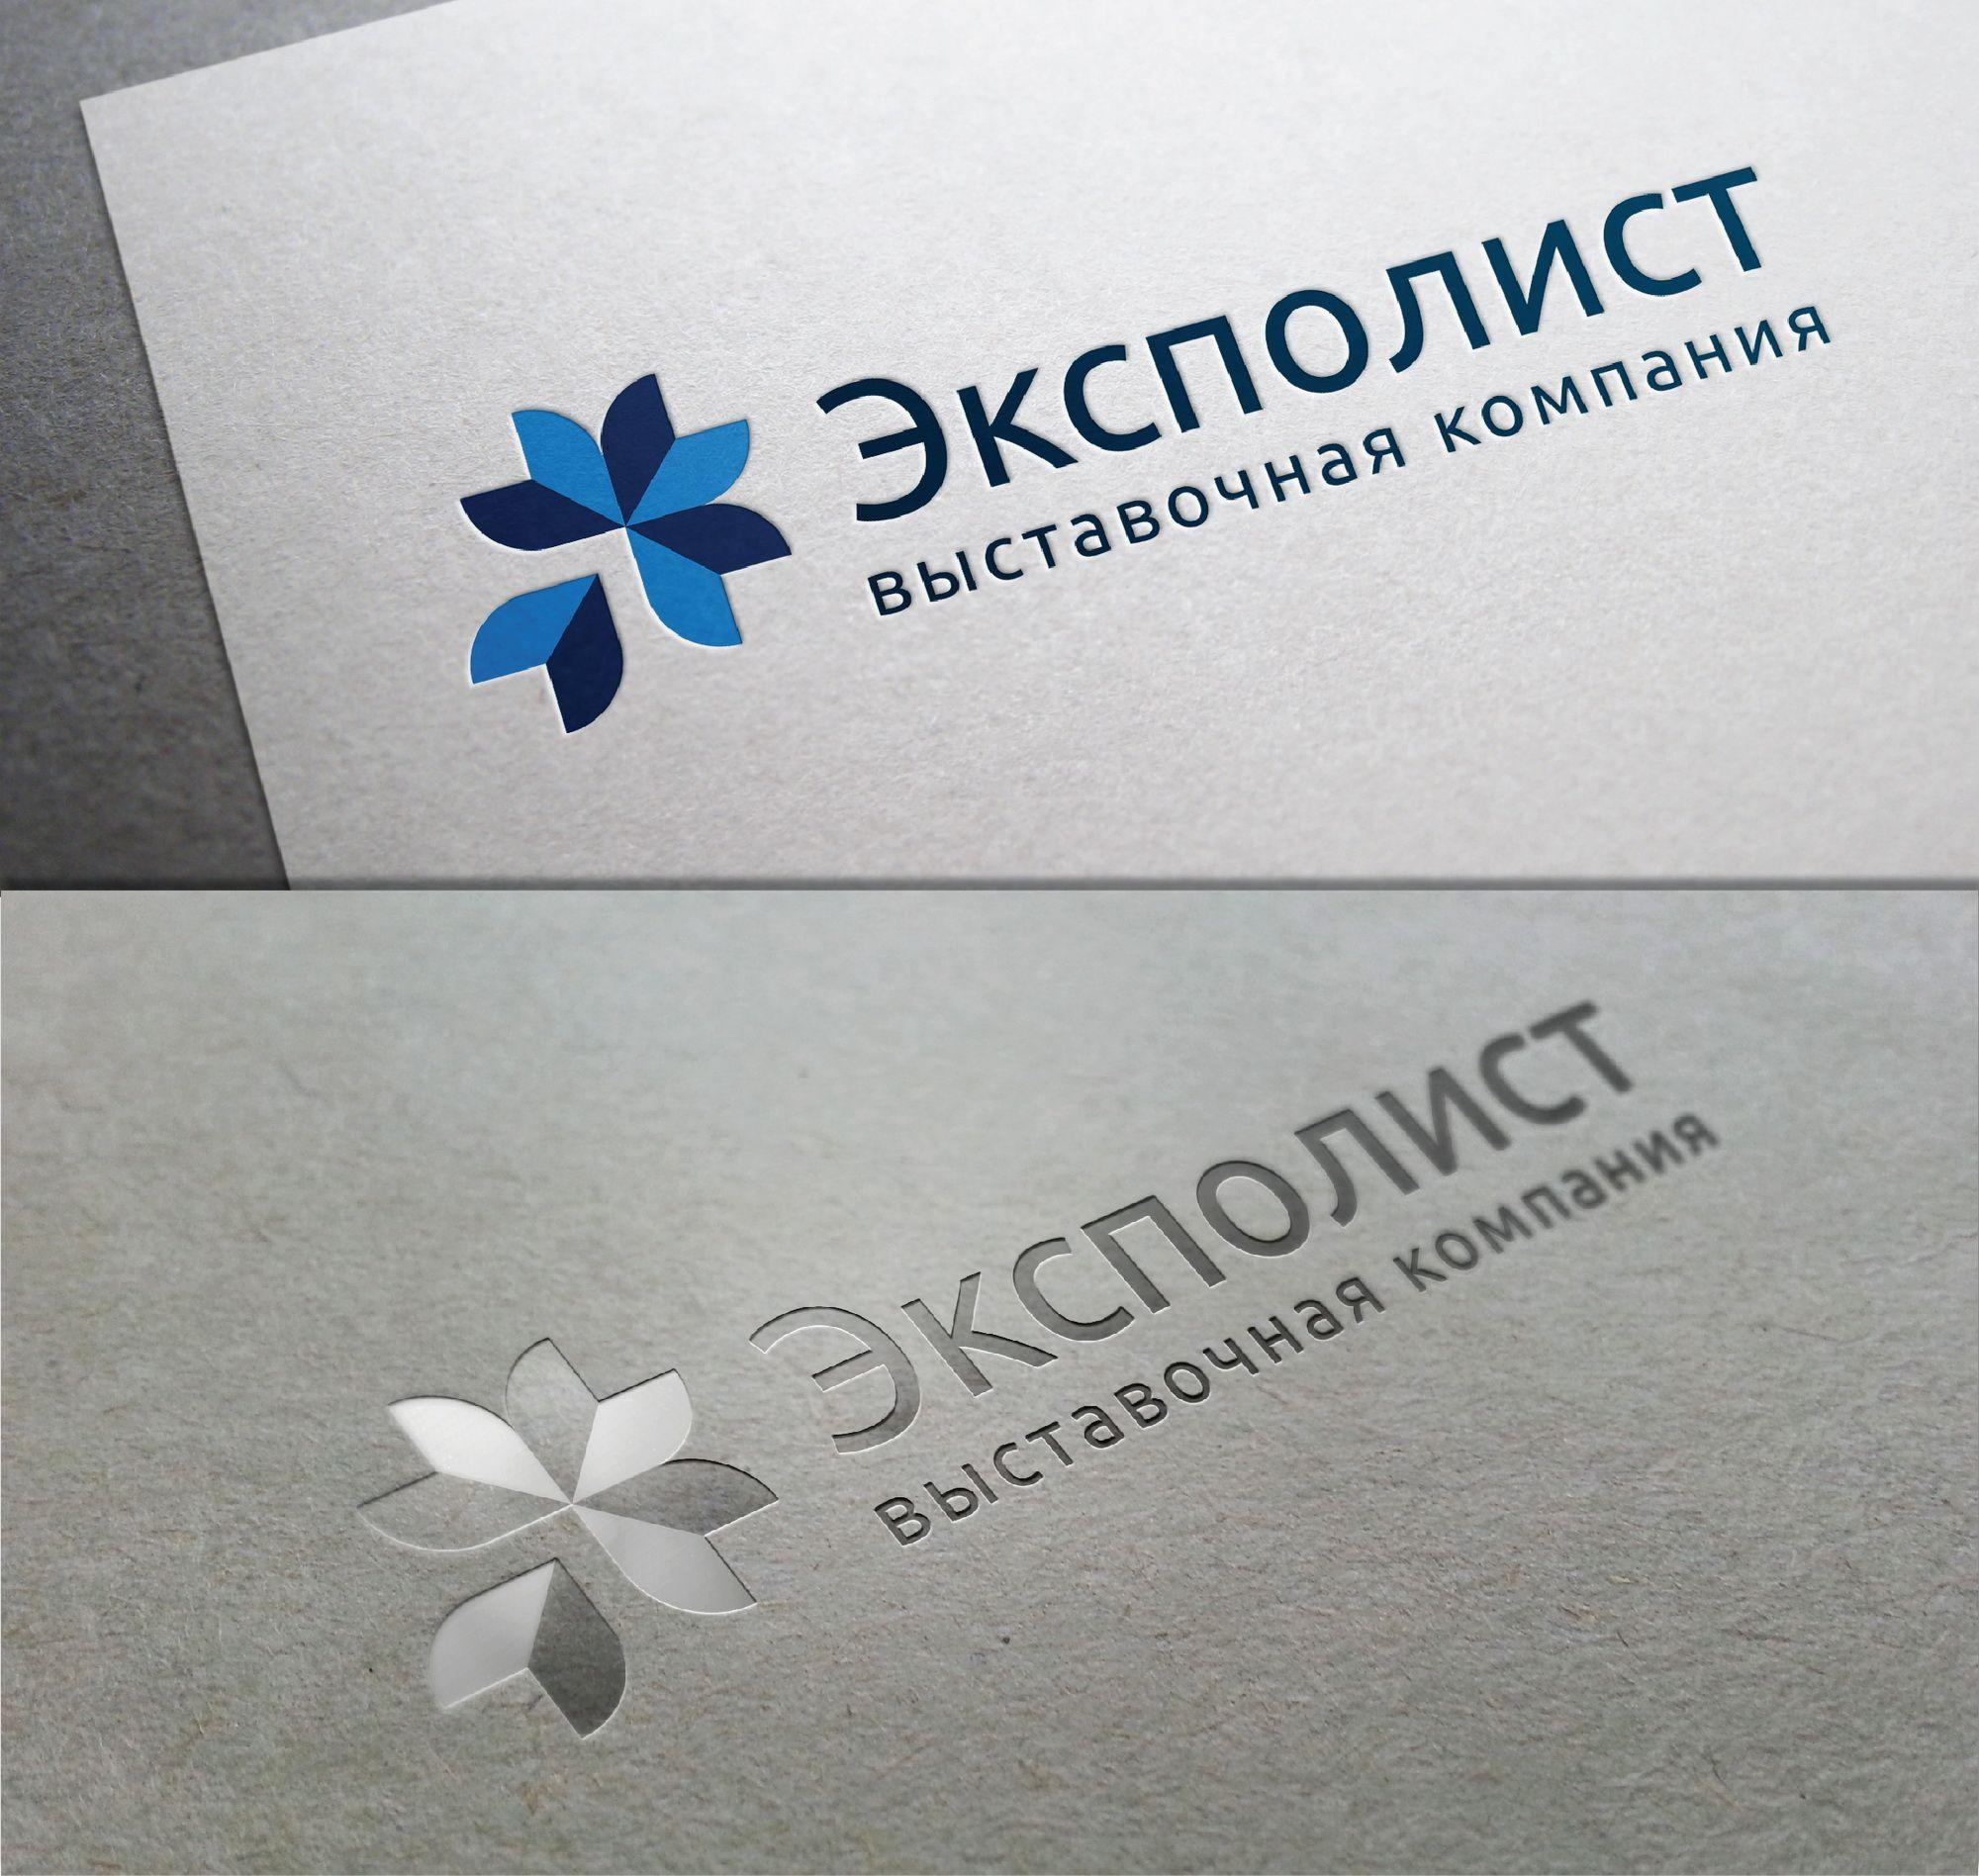 Логотип выставочной компании Эксполист - дизайнер 25angel05